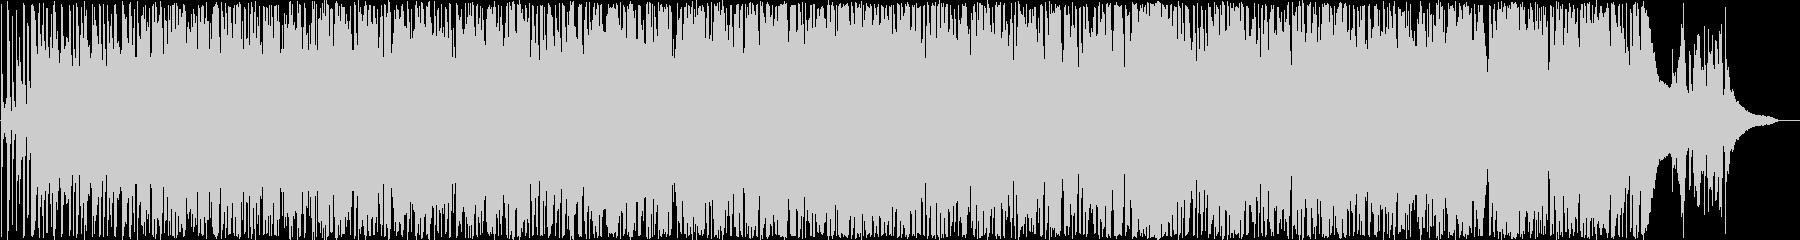 活気あるカントリーミュージックの未再生の波形